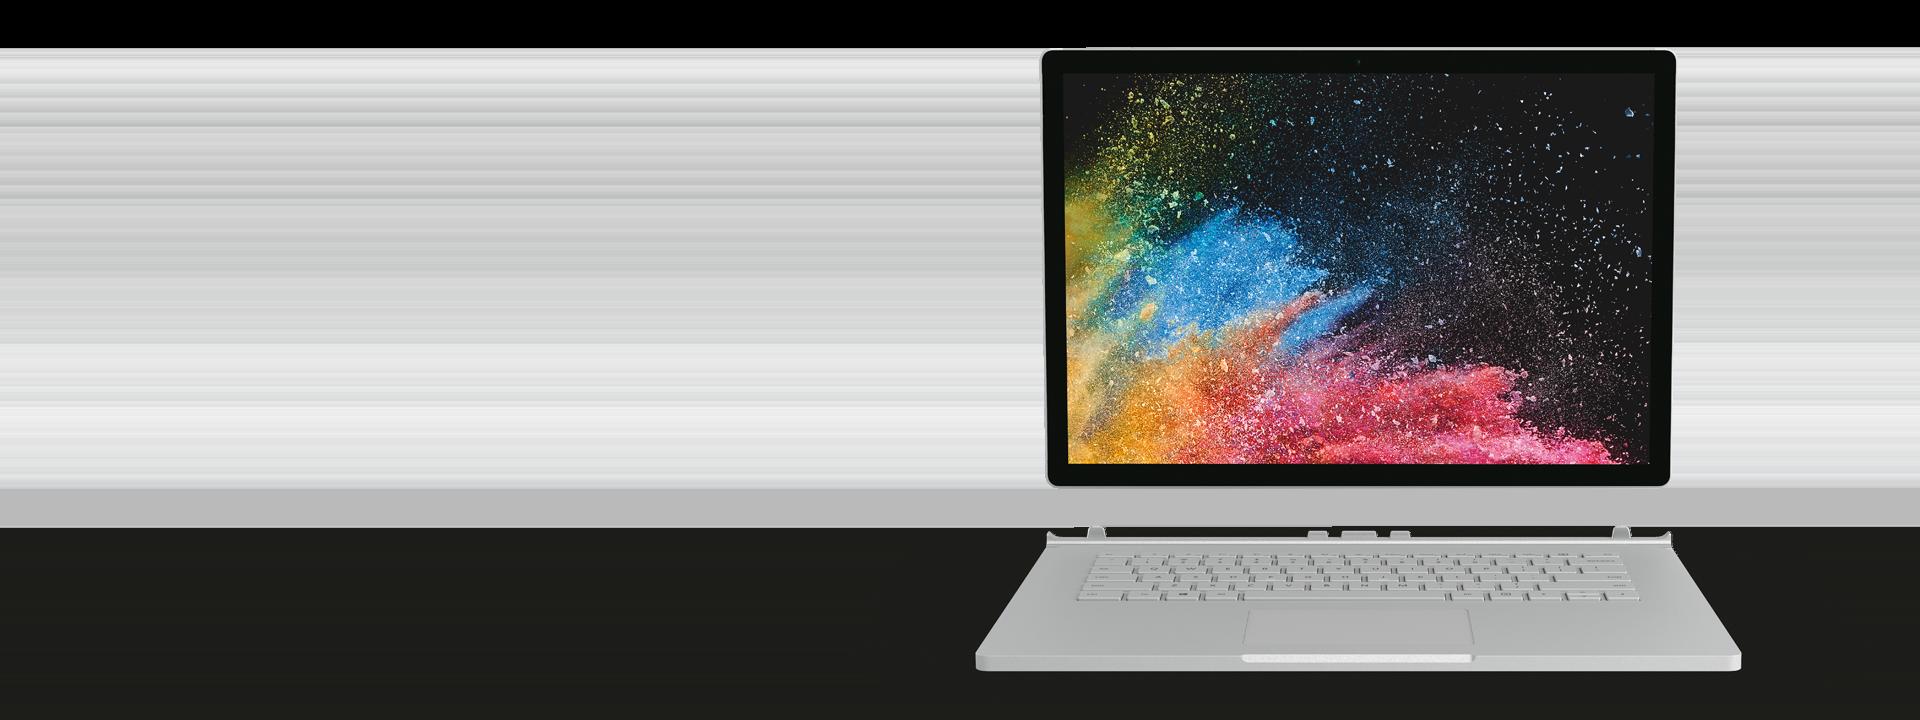 15 インチ PixelSense™ ディスプレイ搭載 Surface Book 2